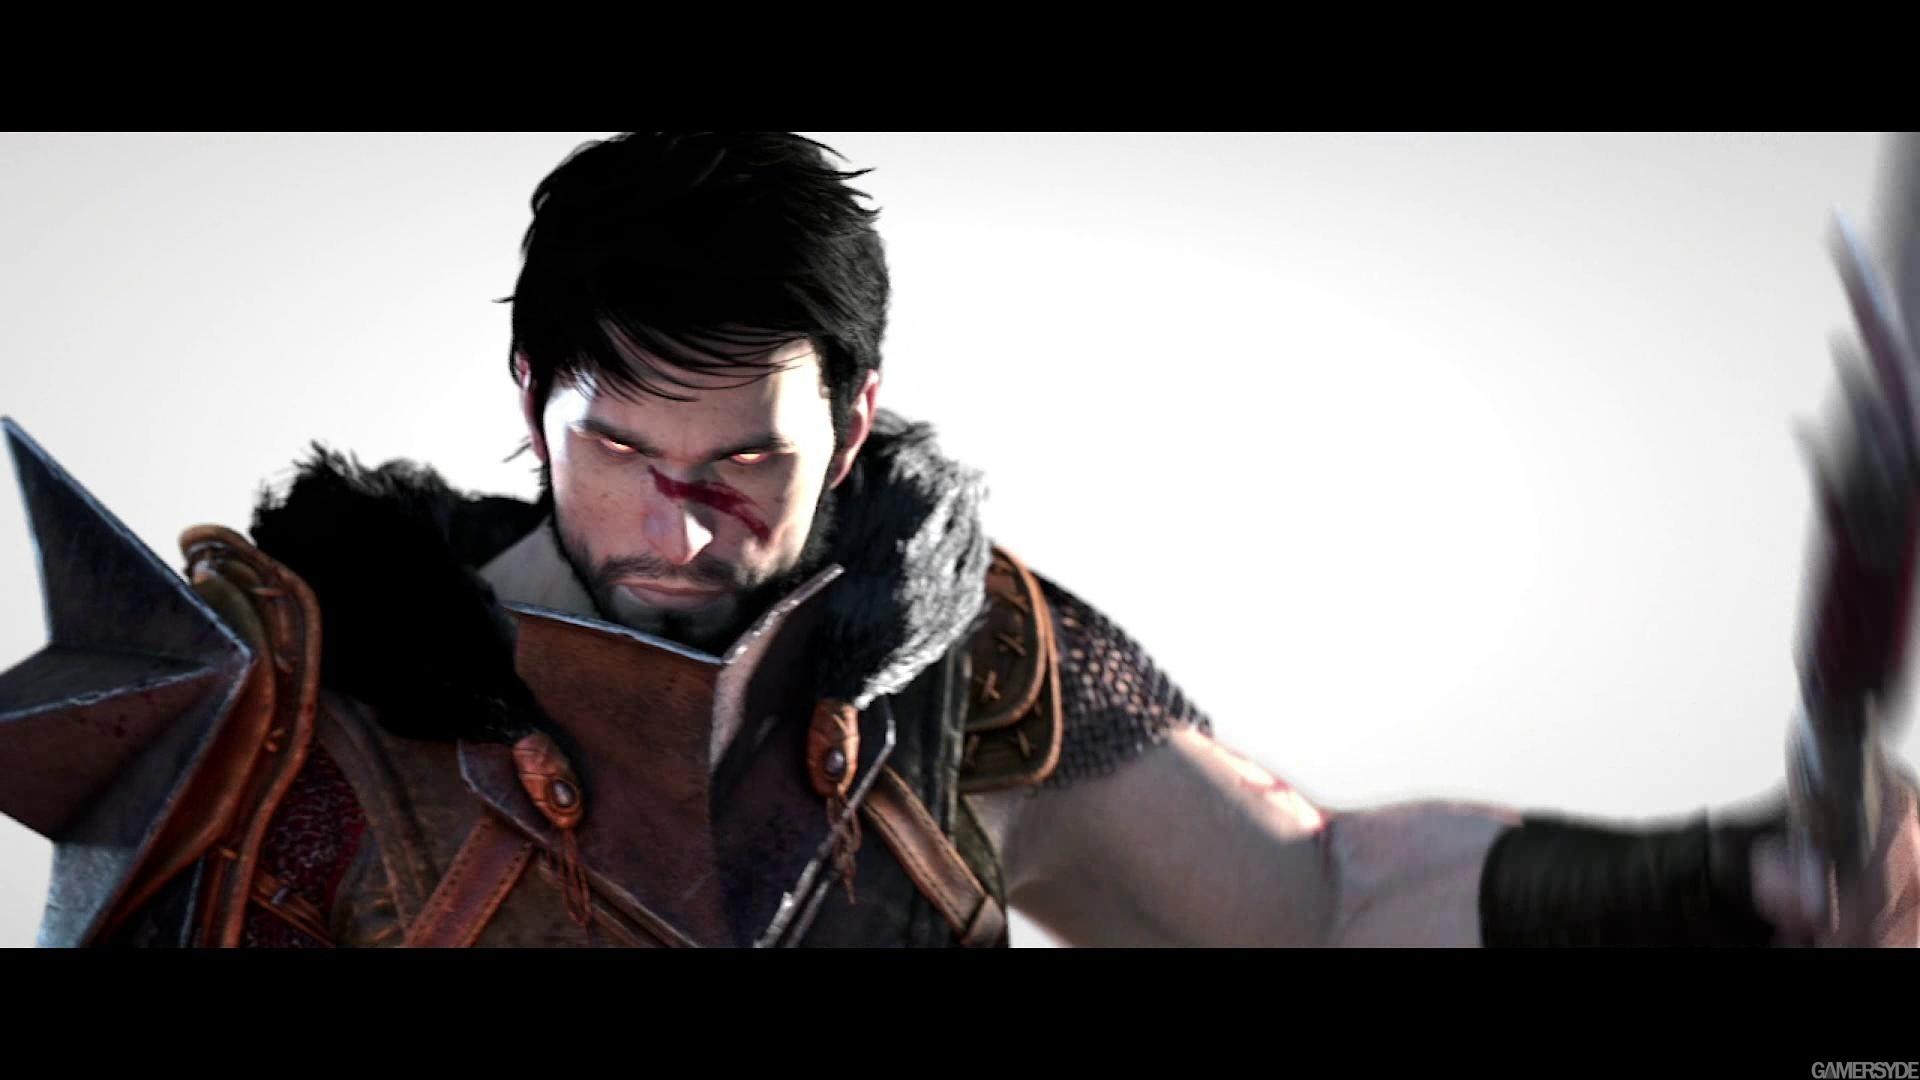 Galerie Dragon Age 2 – Fichier: Destiny Trailer (1080p) (1920×1080) –  2010-08-17 21:18:14